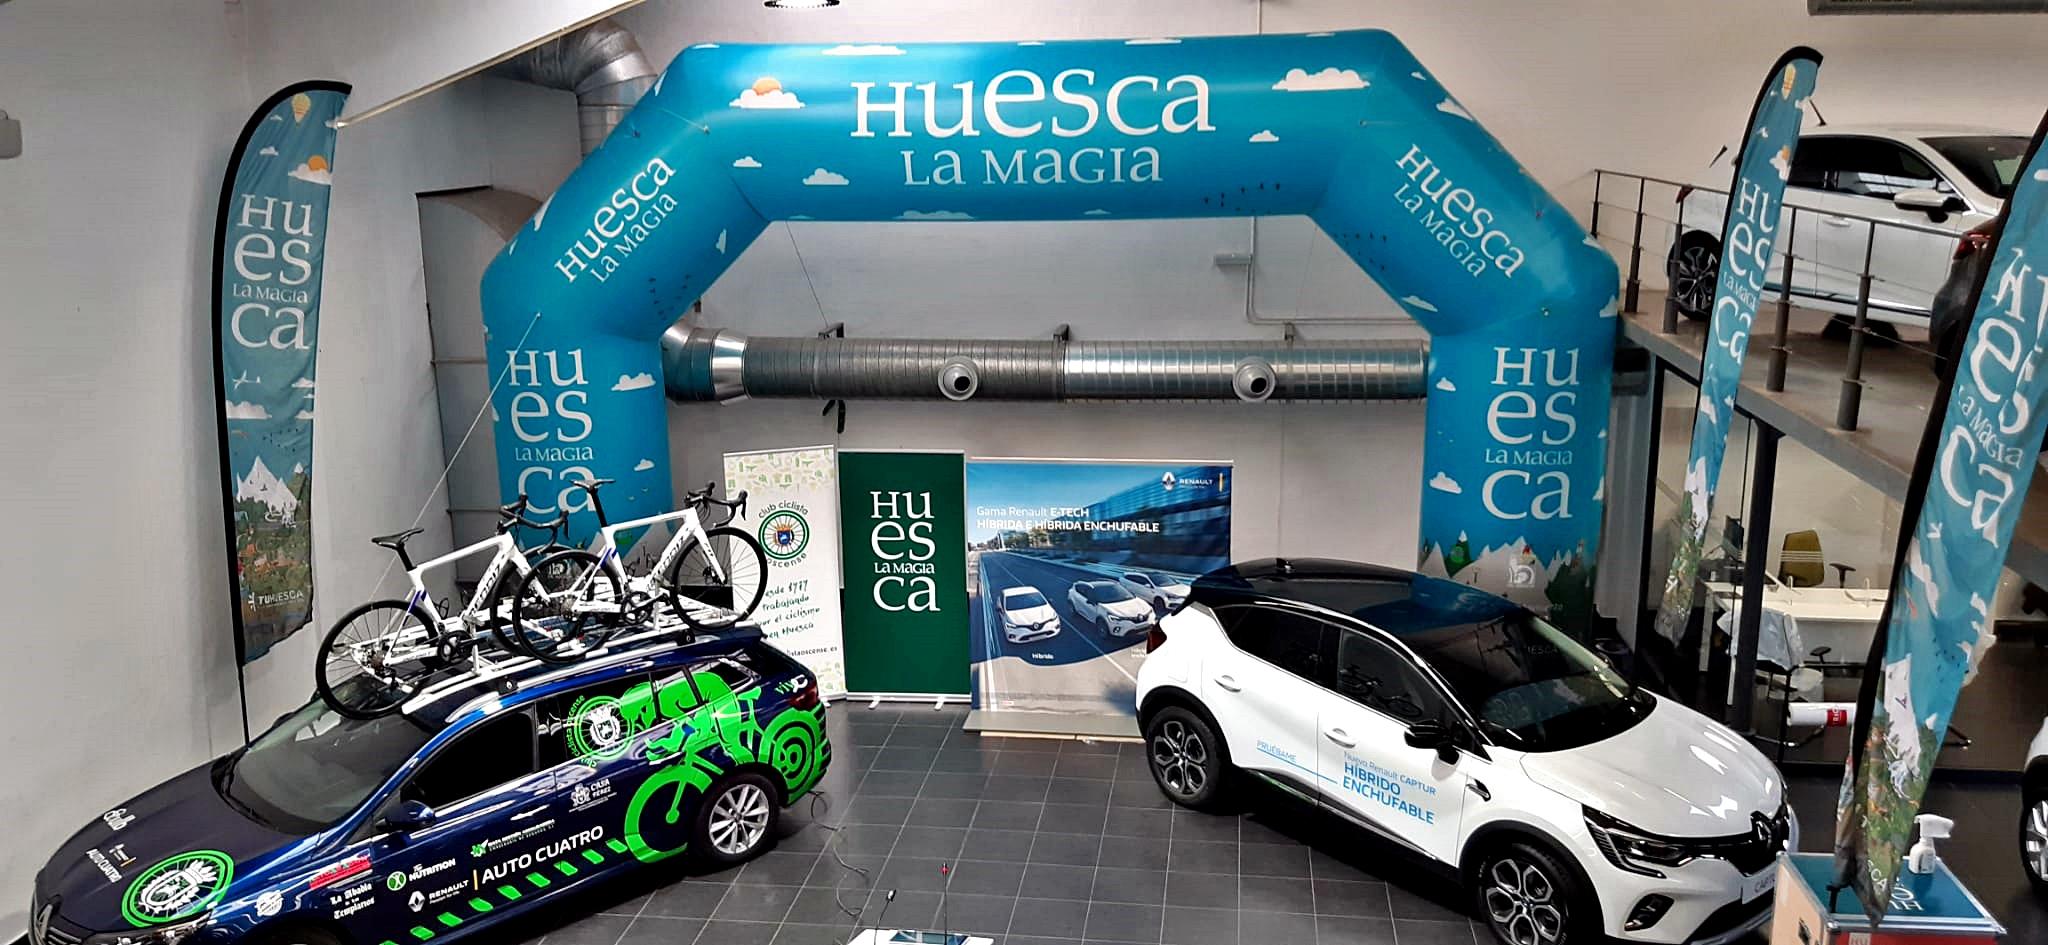 Renault Auto Cuatro Huesca La Magia